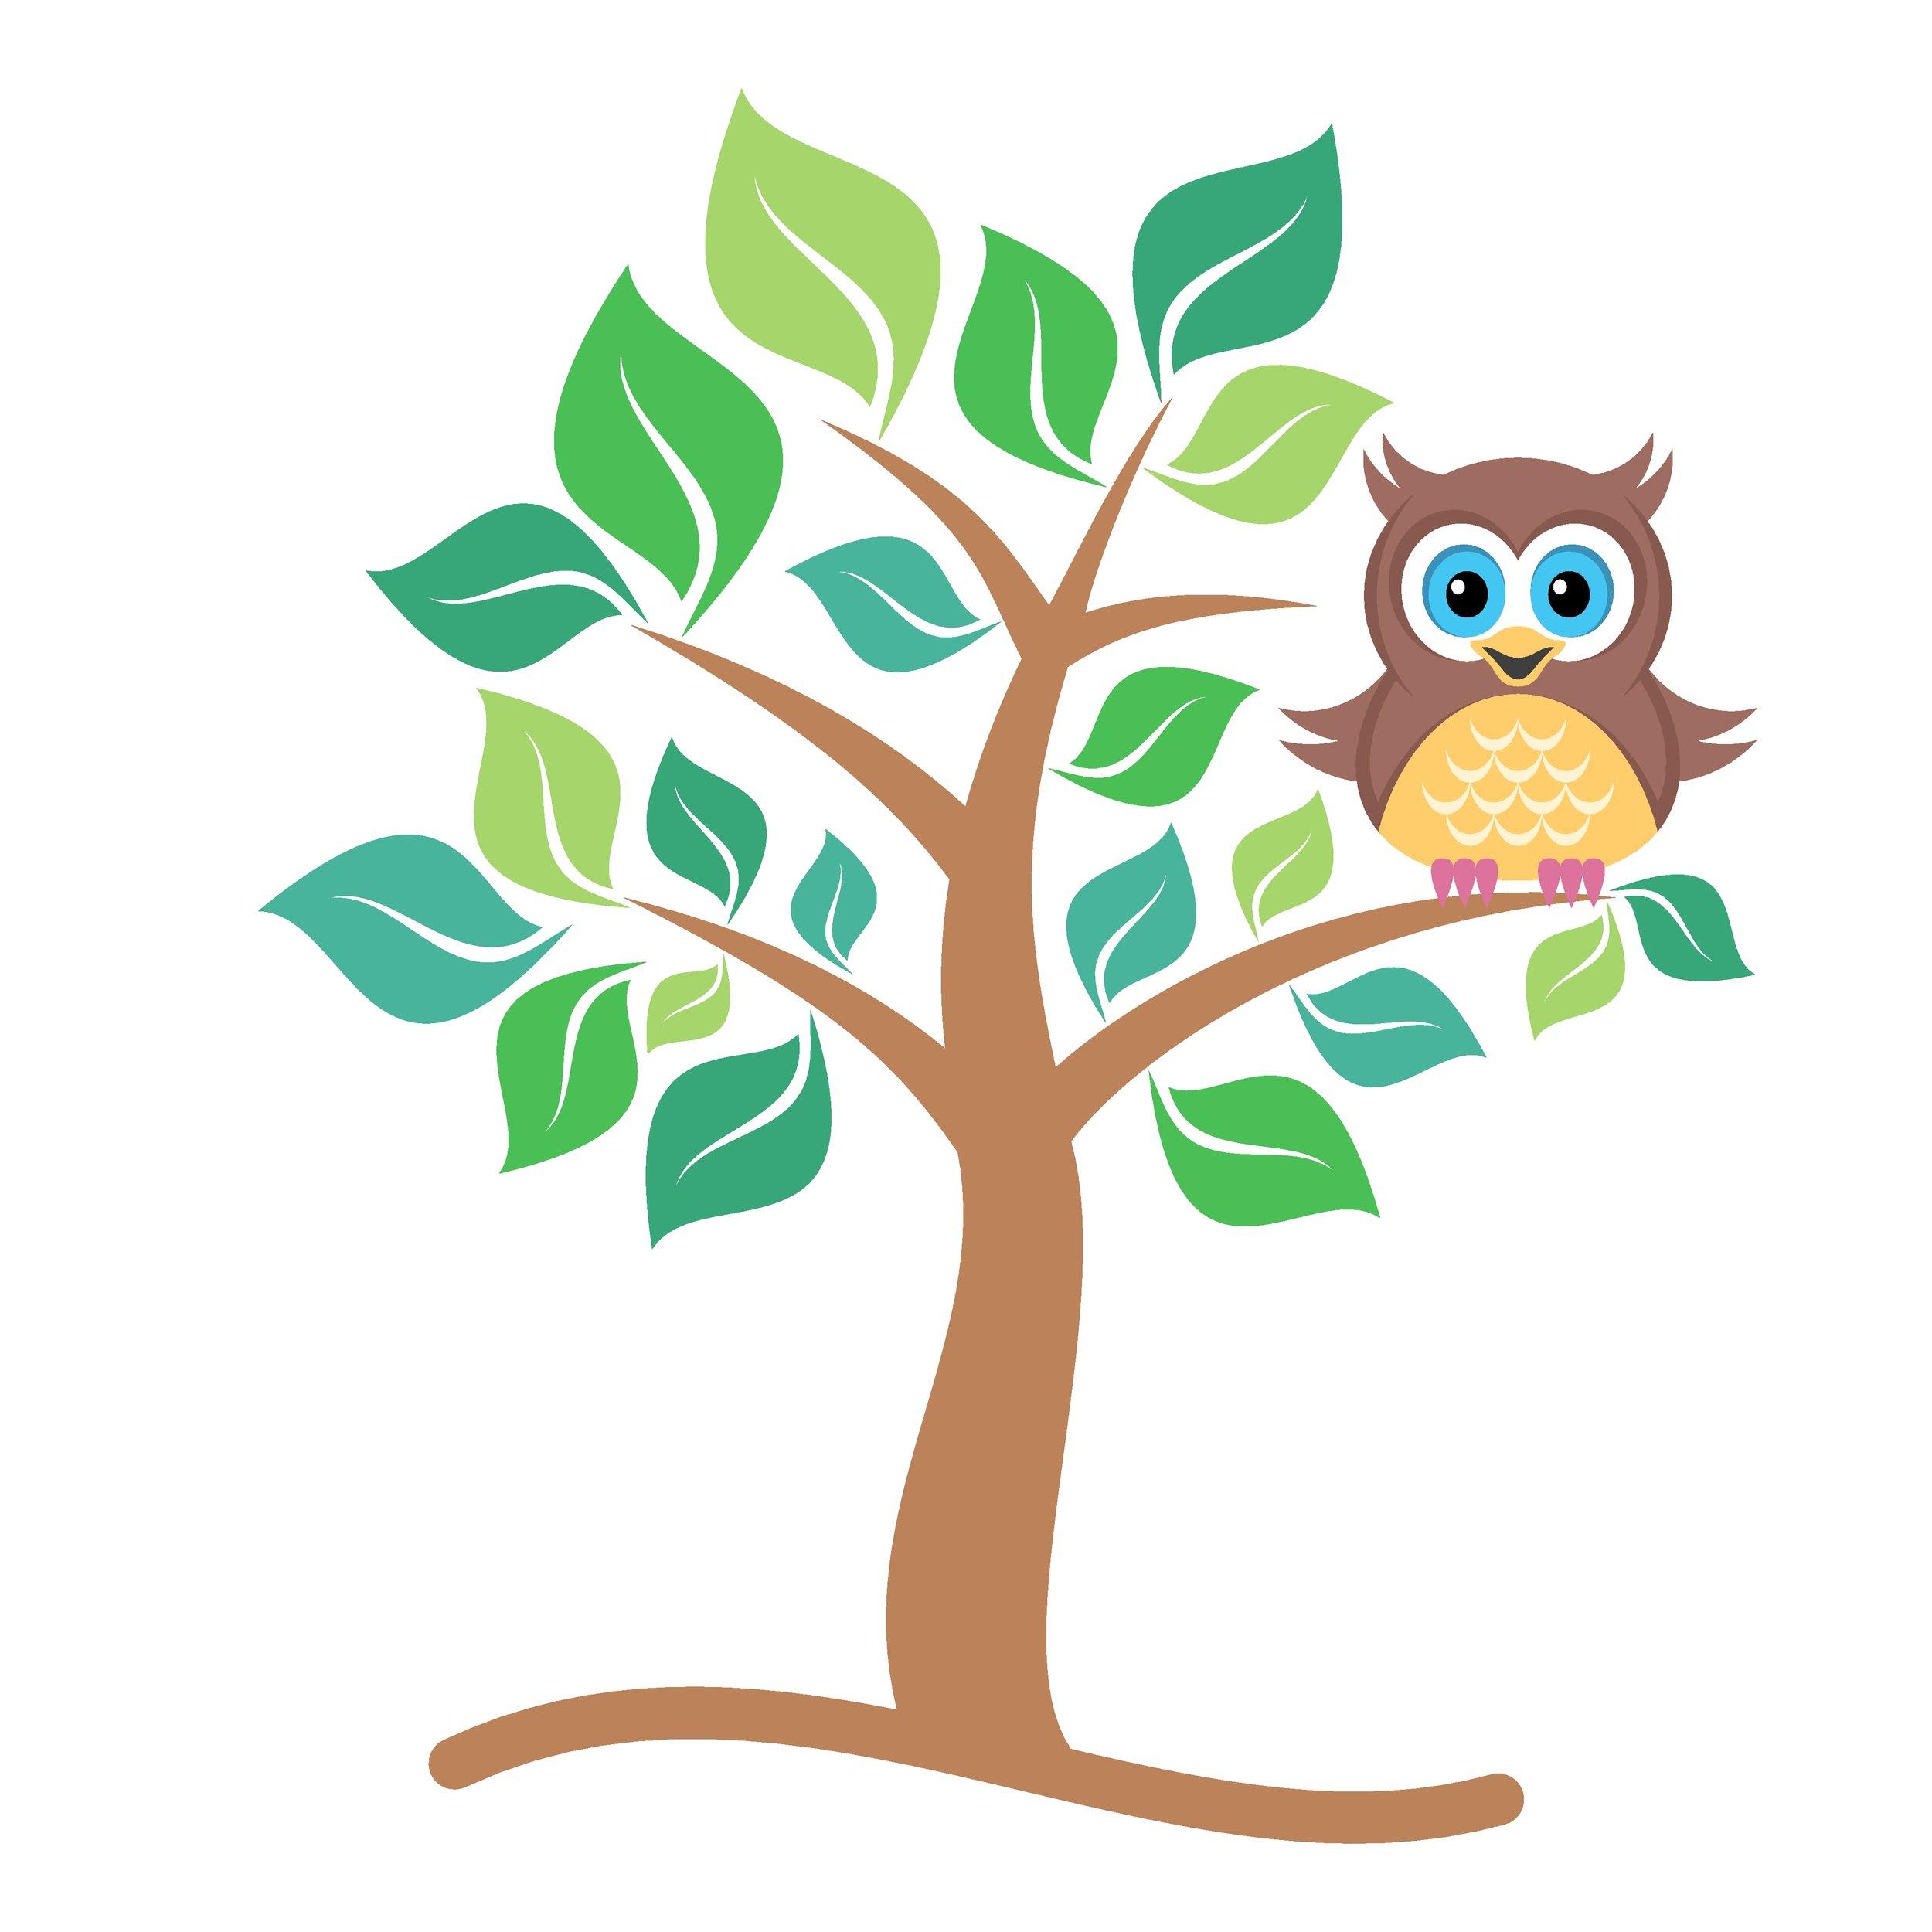 owlstree